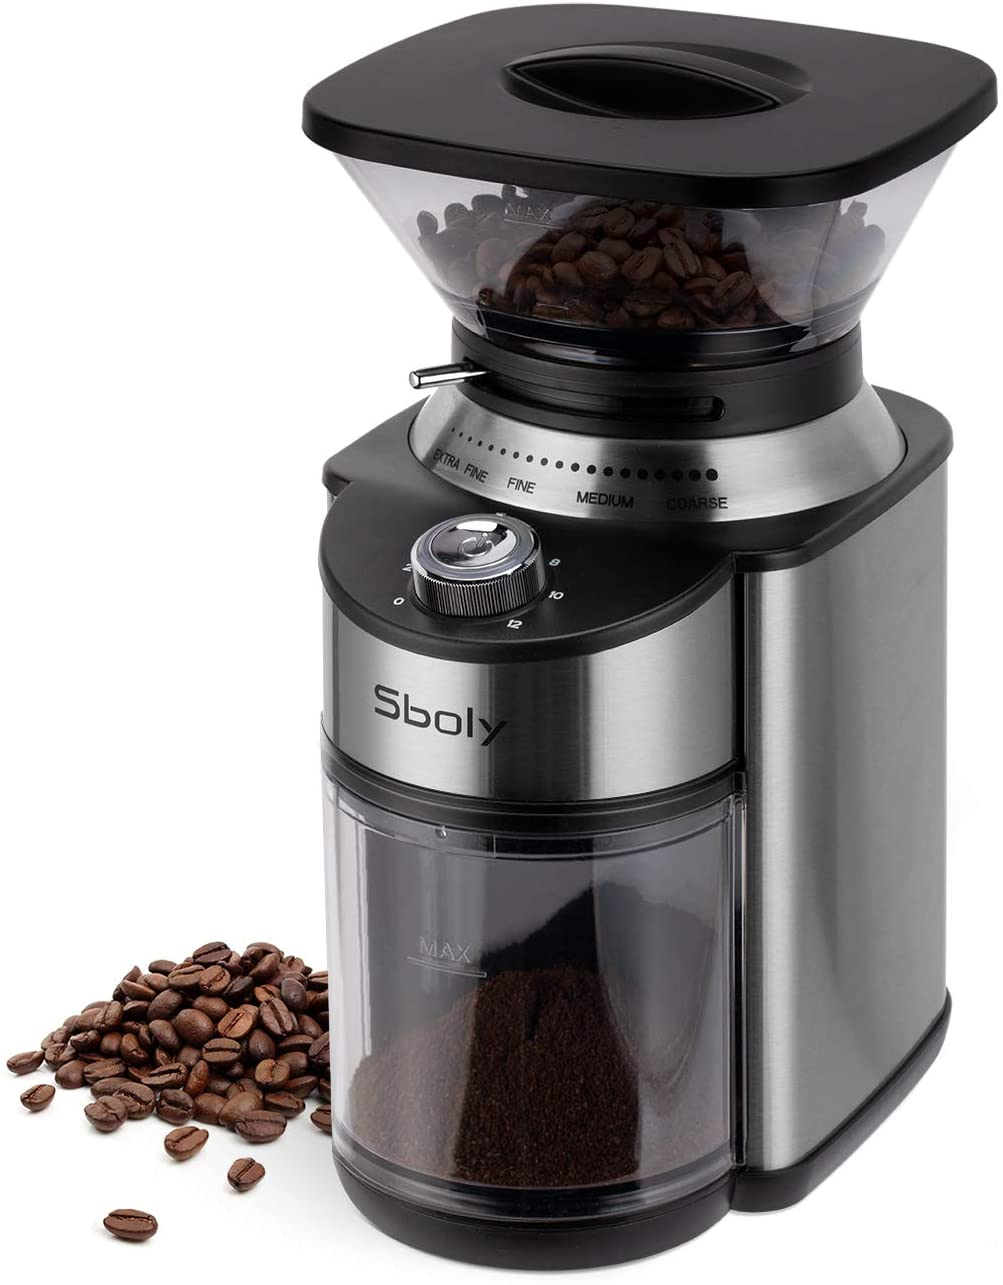 Sboly conical burr coffee greinder